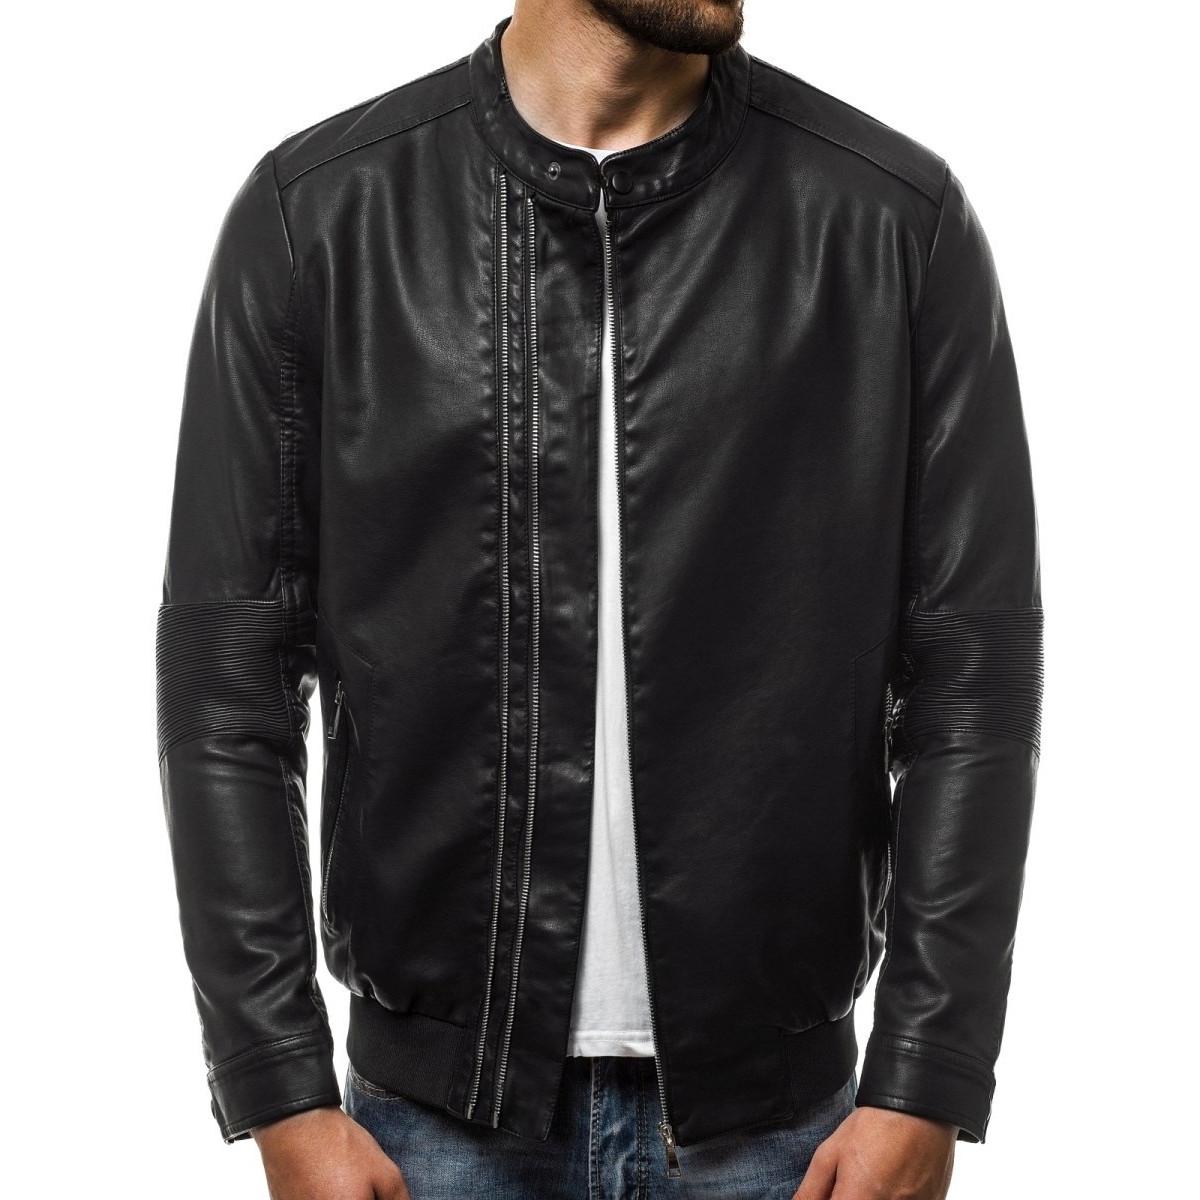 Куртка мужская, кожанка (весна-осень) черная (качественный кожзам)